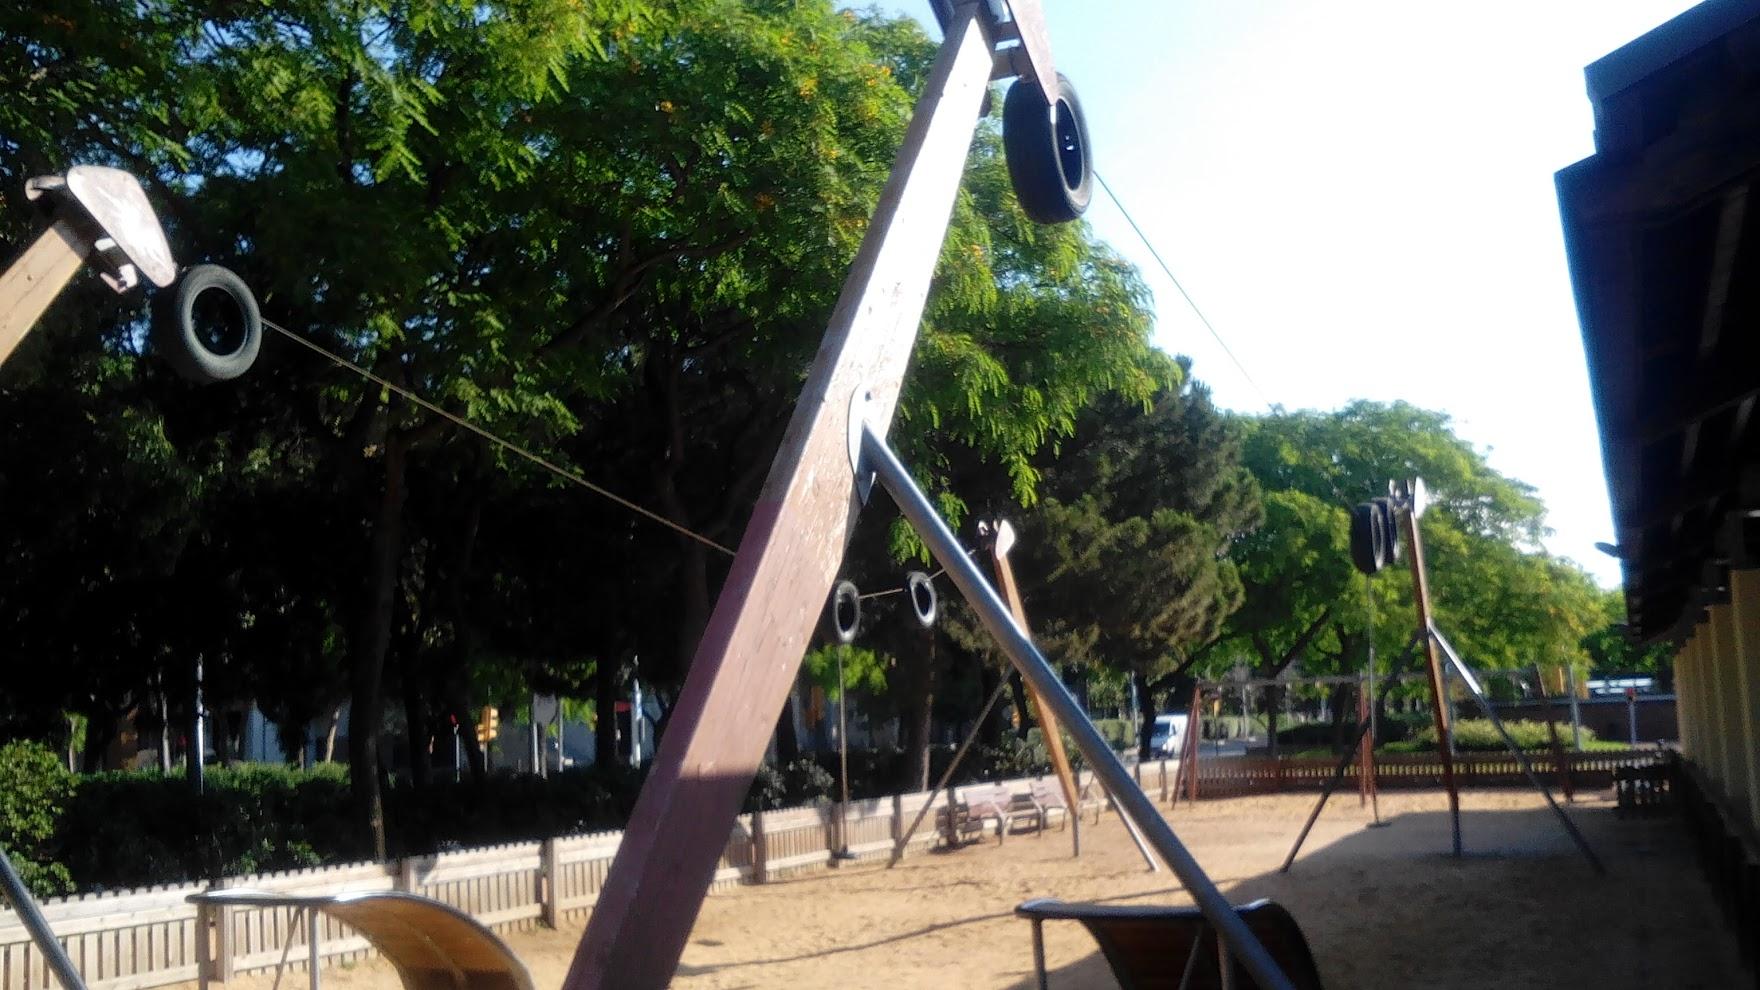 Канатная дорога на детской площадке